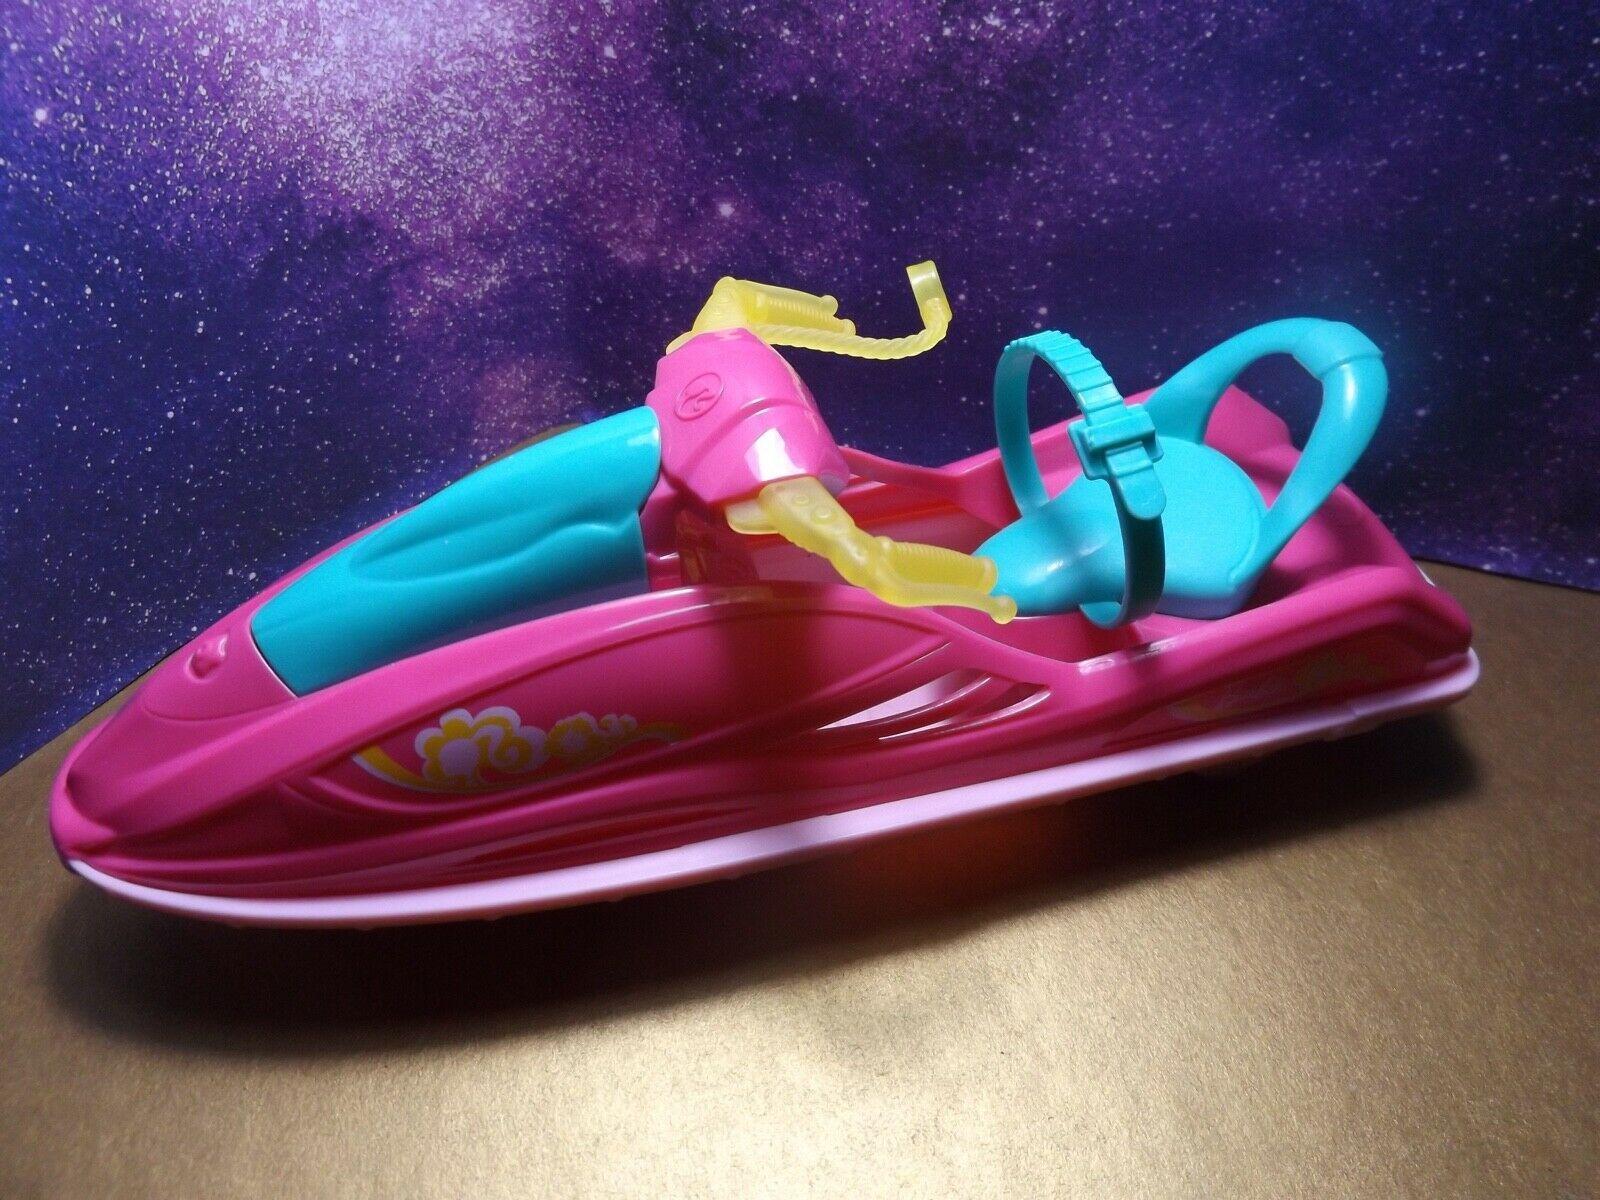 Mattel Barbie Jet Skie Very Cute Toys Games Creaturesncastles